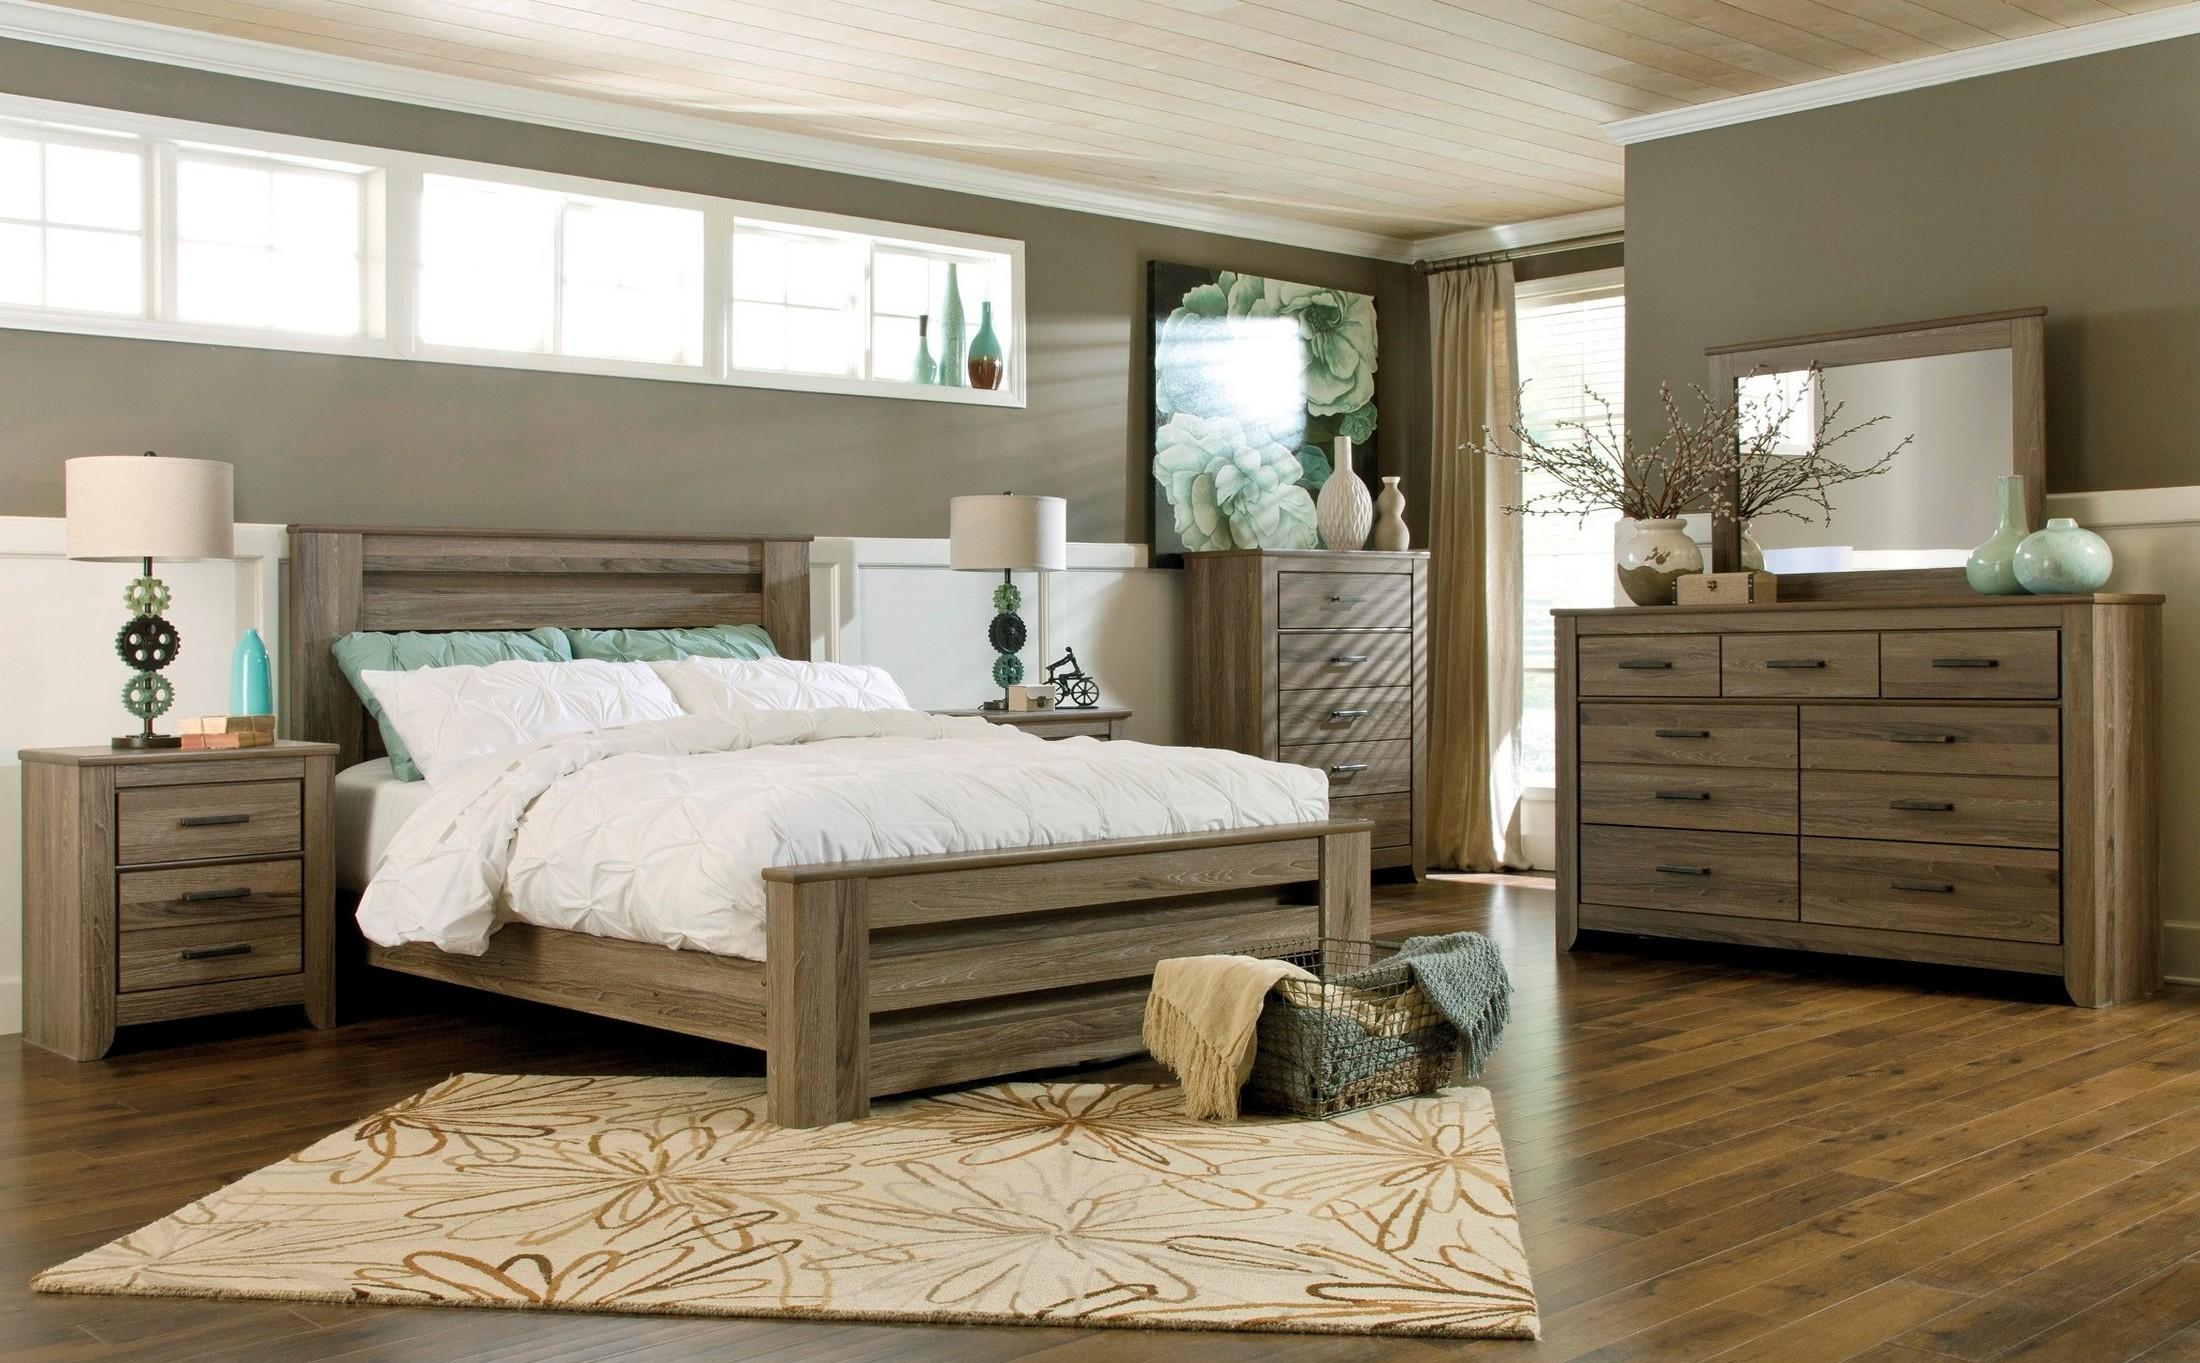 Zelen Poster Bedroom Set From Ashley B248 67 64 98